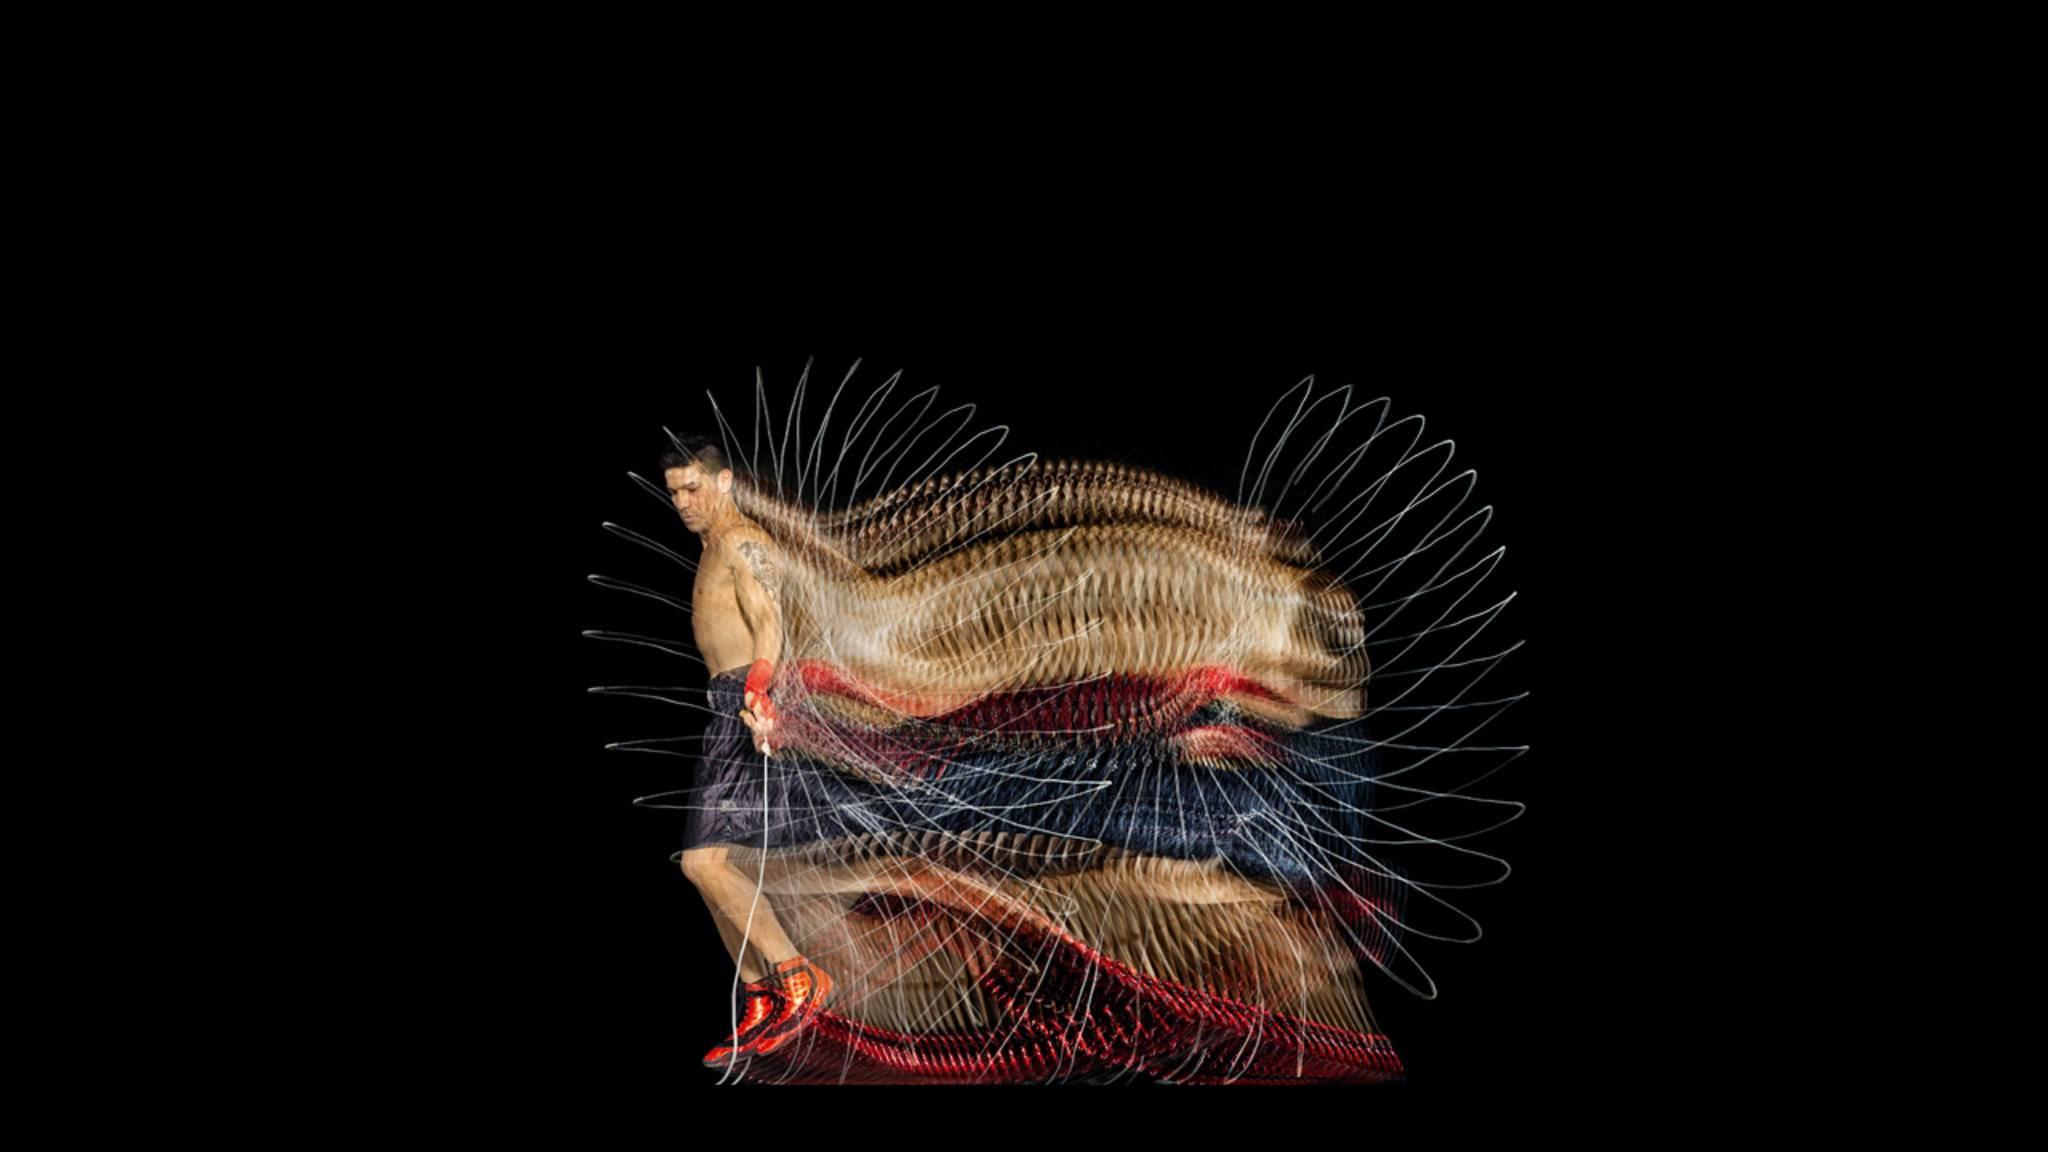 Hohe Schlagzahl: Profiboxer wie der Mittelgewichtler Sergio Martínez zählen im Training jeden Seilsprung, jeden Treffer, jede Kalorie. Starfotograf Howard Schatz hat sich darauf spezialisiert, die enormen Frequenzen des Trainings von Leistungssportlern sichtbar zu machen.